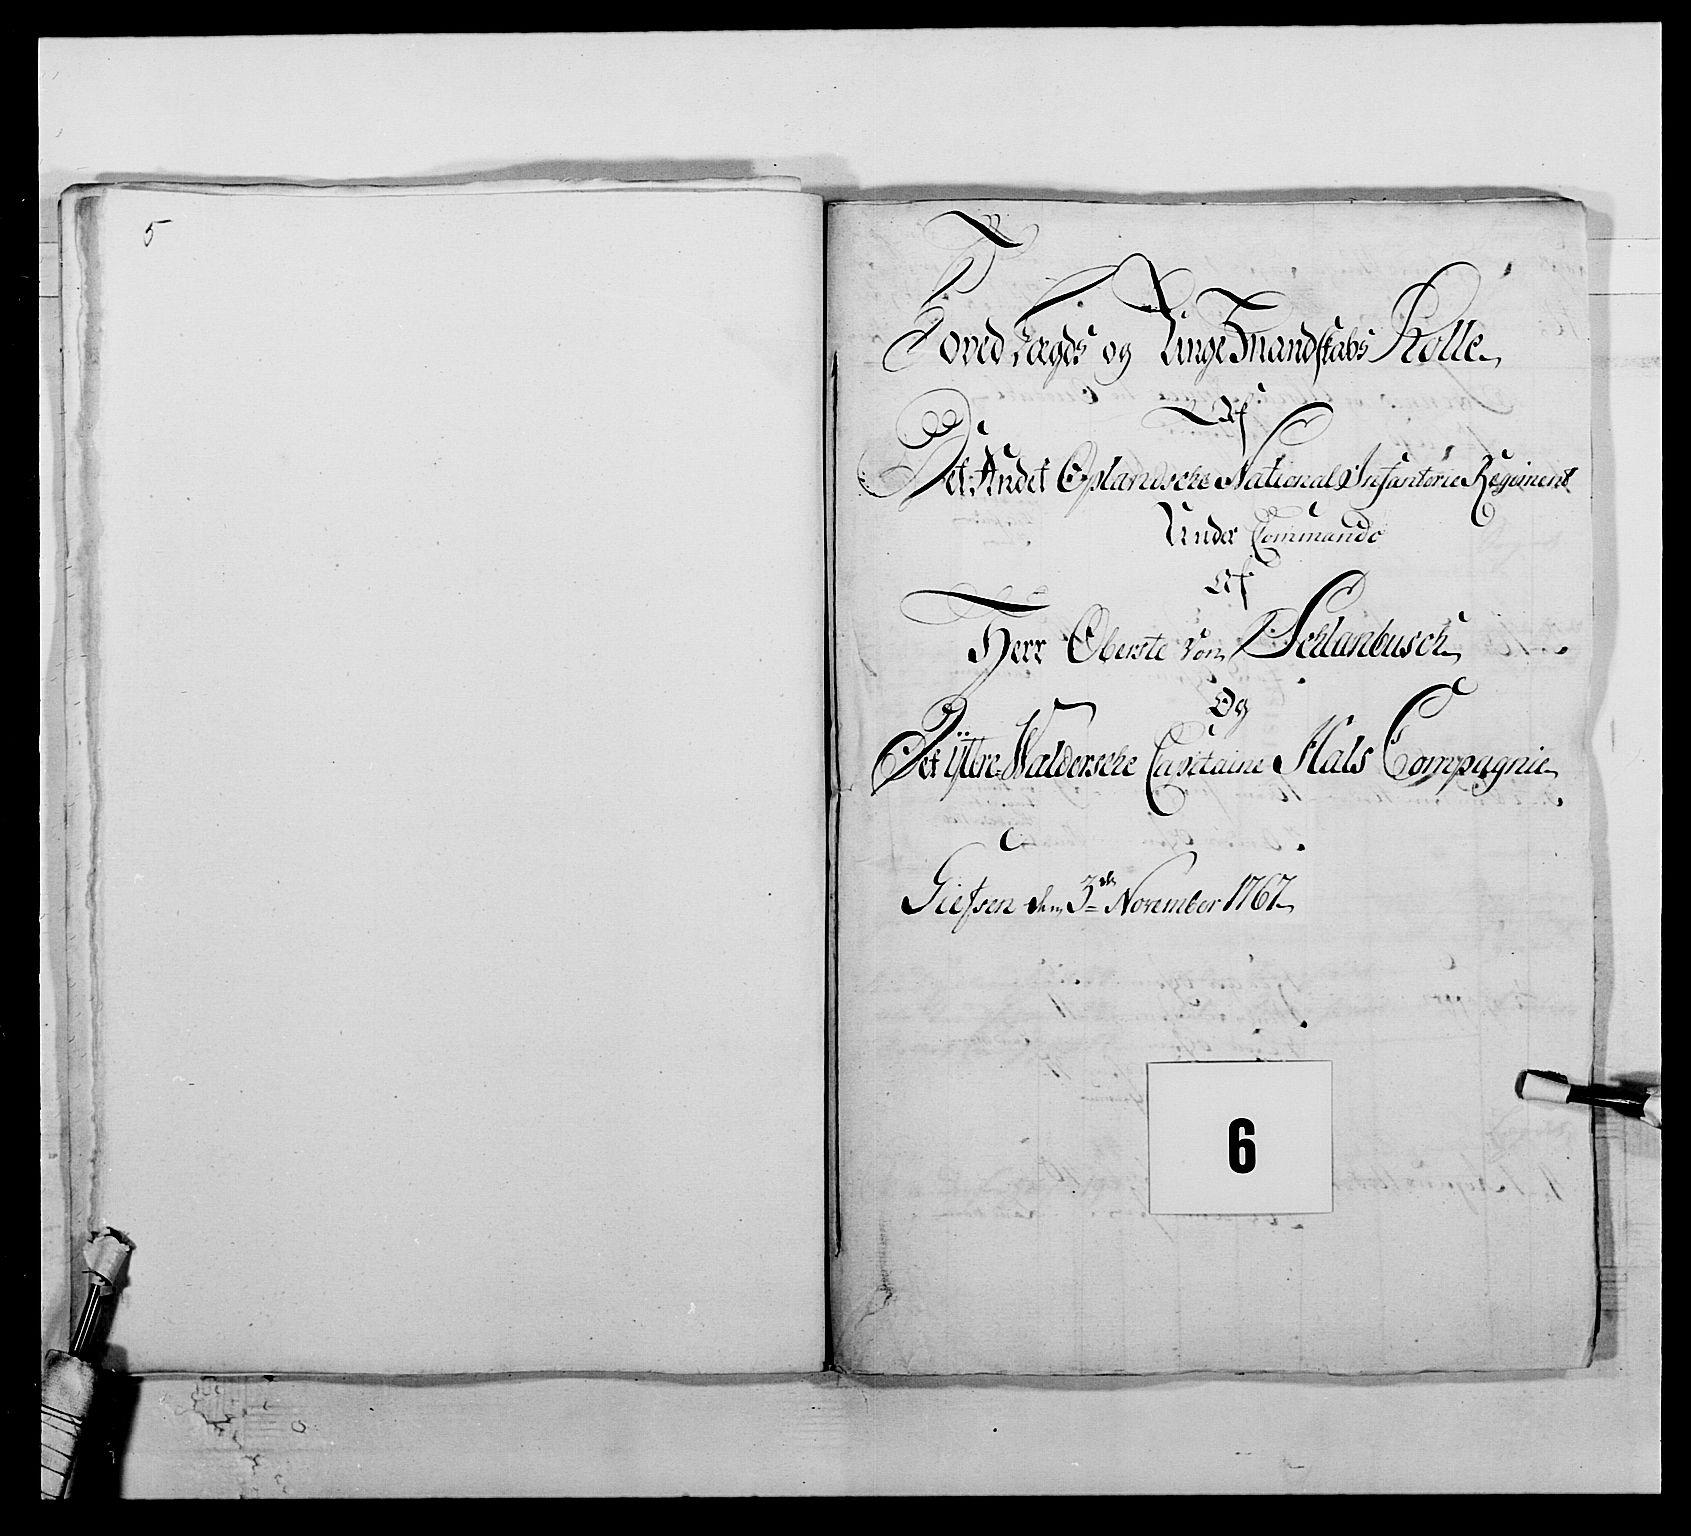 RA, Kommanderende general (KG I) med Det norske krigsdirektorium, E/Ea/L0507: 2. Opplandske regiment, 1766-1767, s. 92